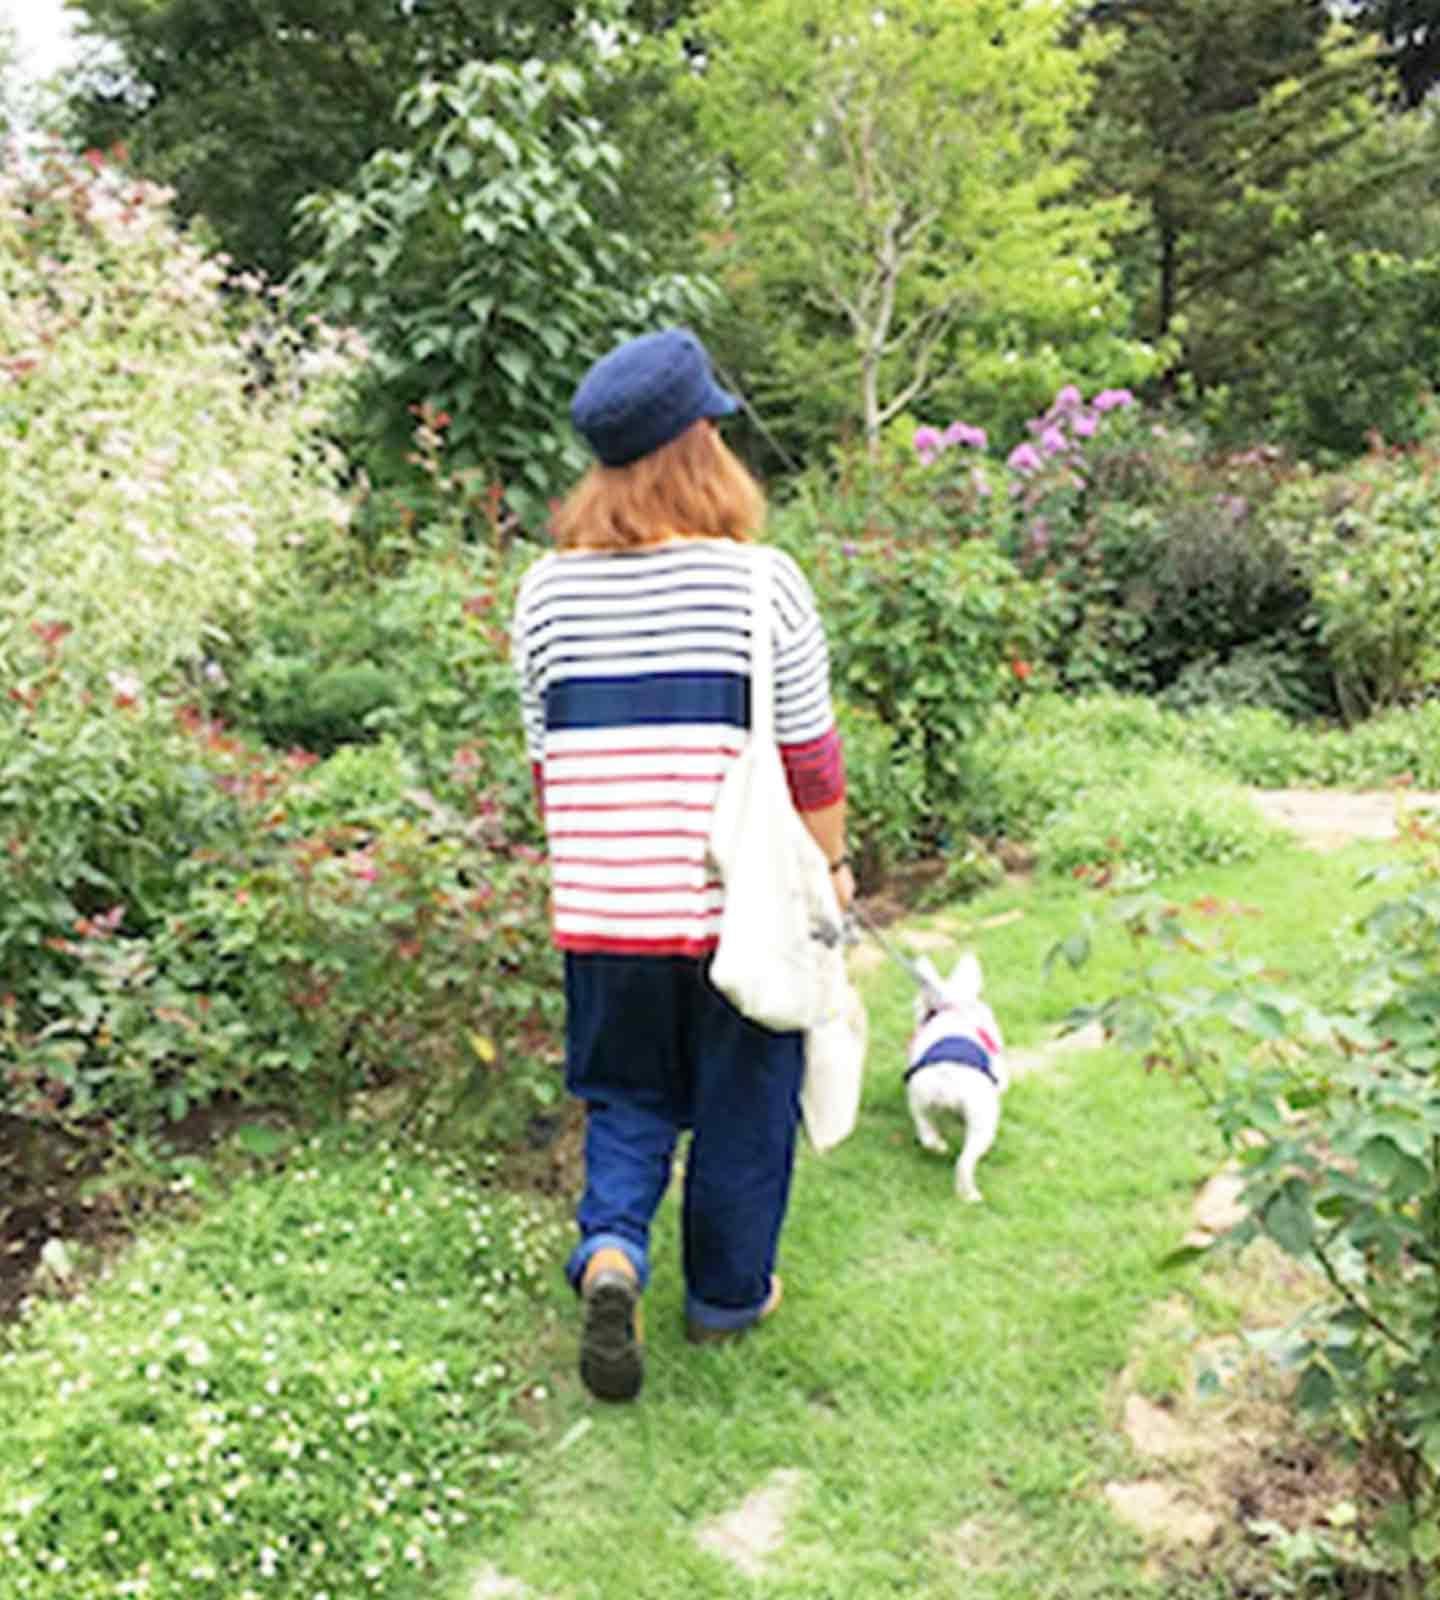 緑に囲まれた庭を散歩する犬と飼い主